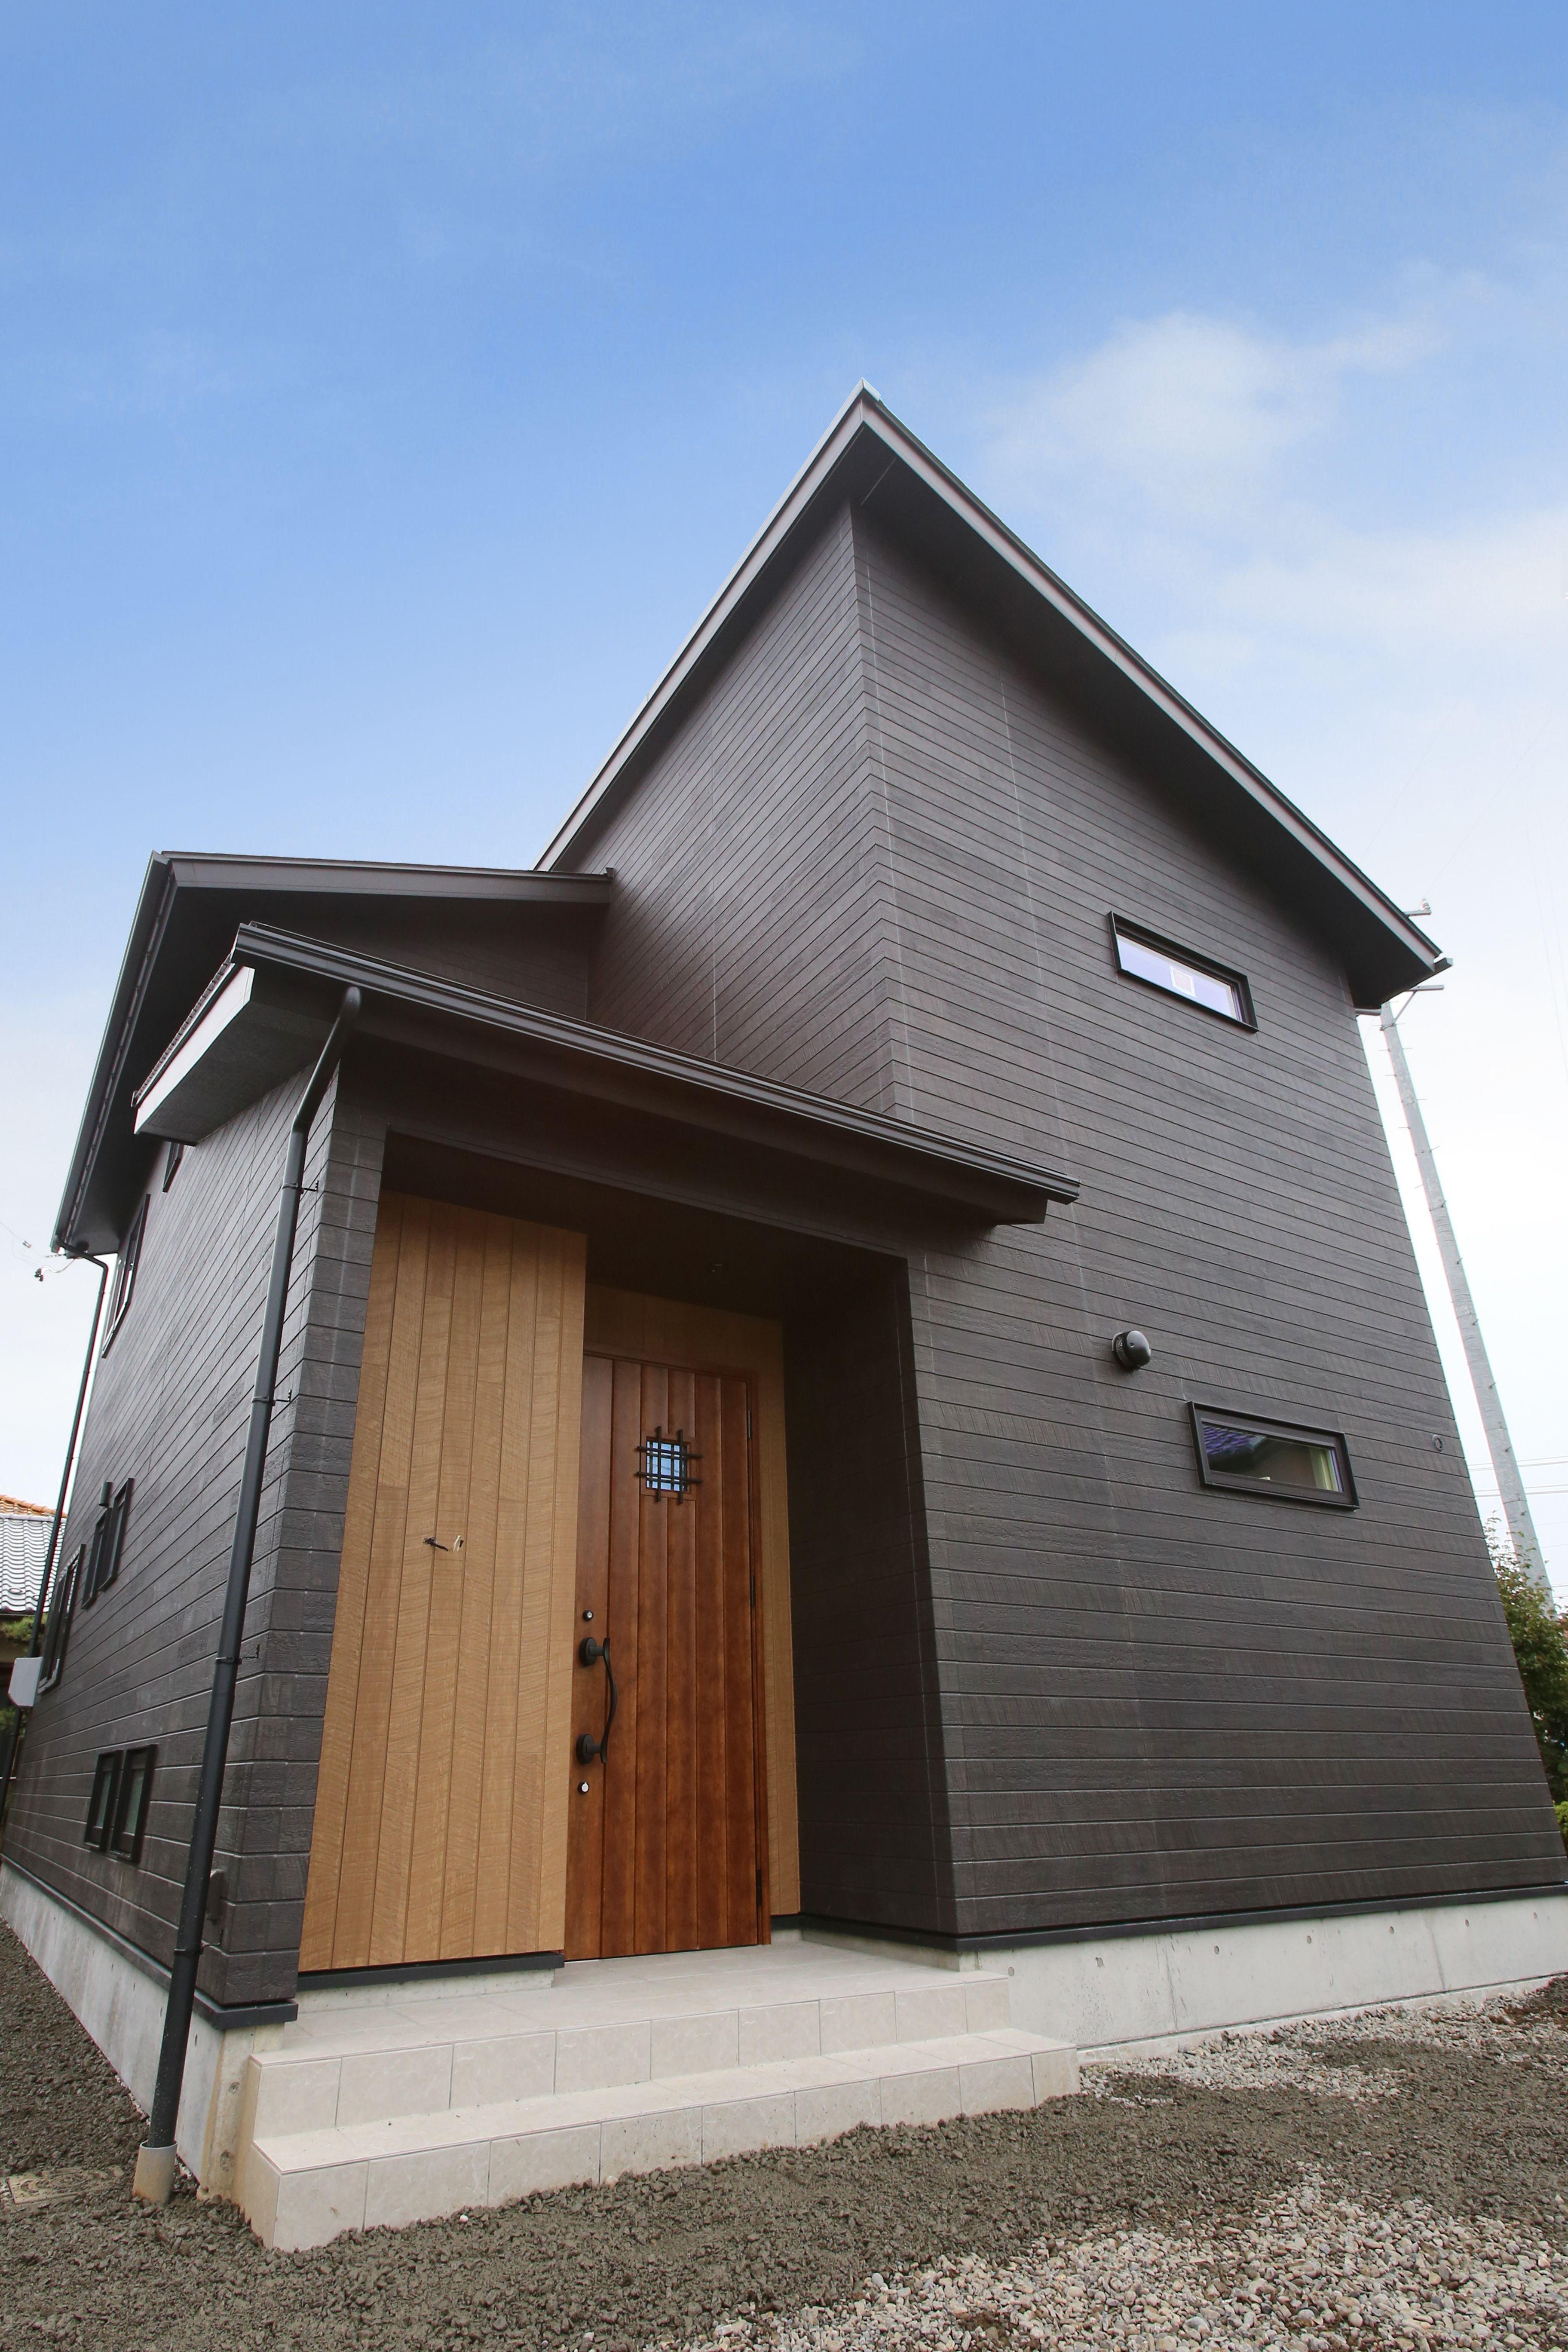 建築実例 外観 外装 外壁 アクセント 木目調 ブラウン ブラック 窯業